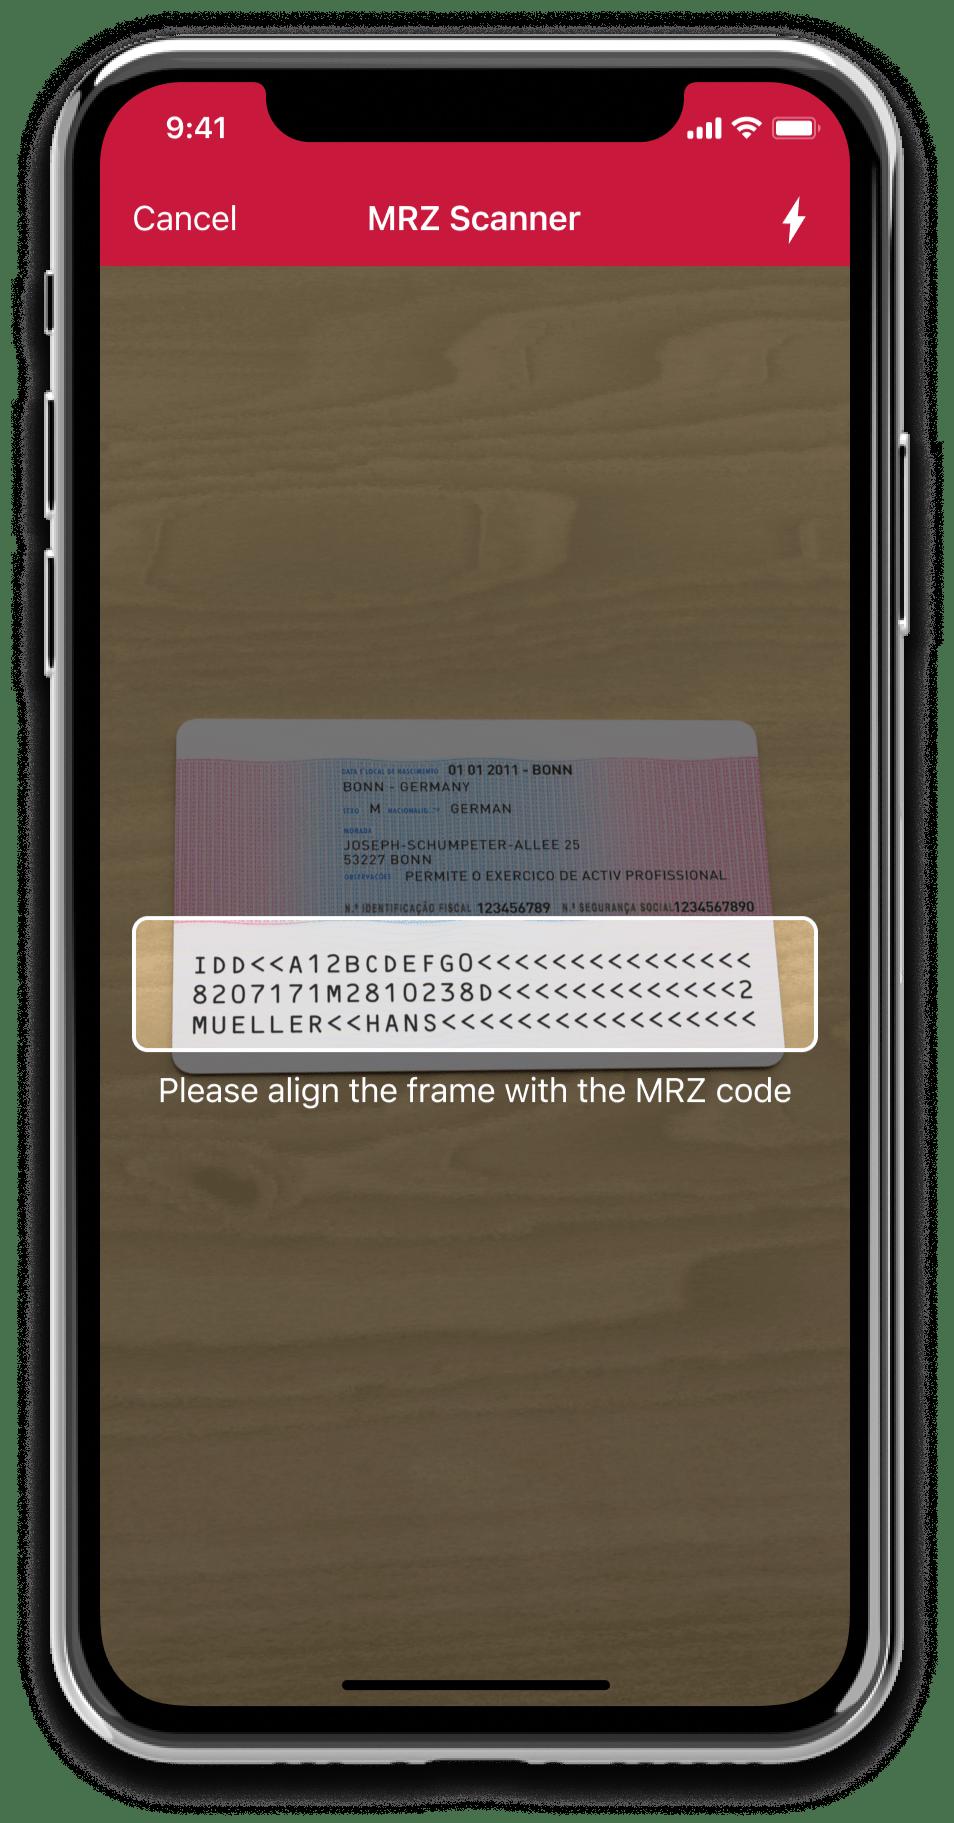 Scanbot SDK Software - Scanbot SDK MRZ Scanner